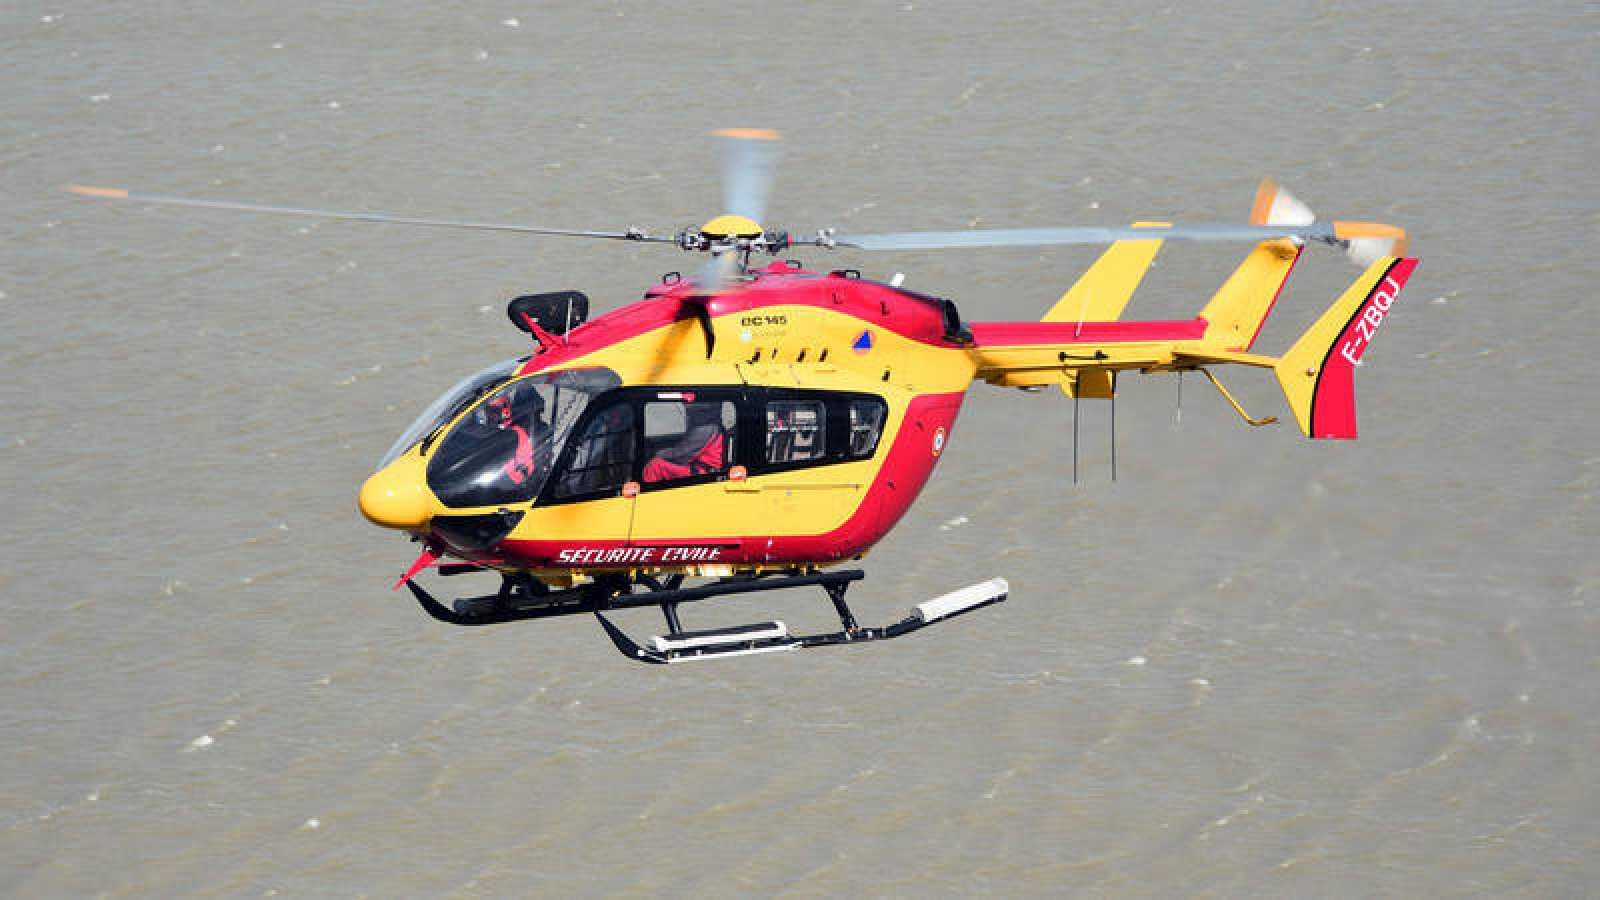 Mueren tres rescatistas en un accidente de helicóptero en Marsella